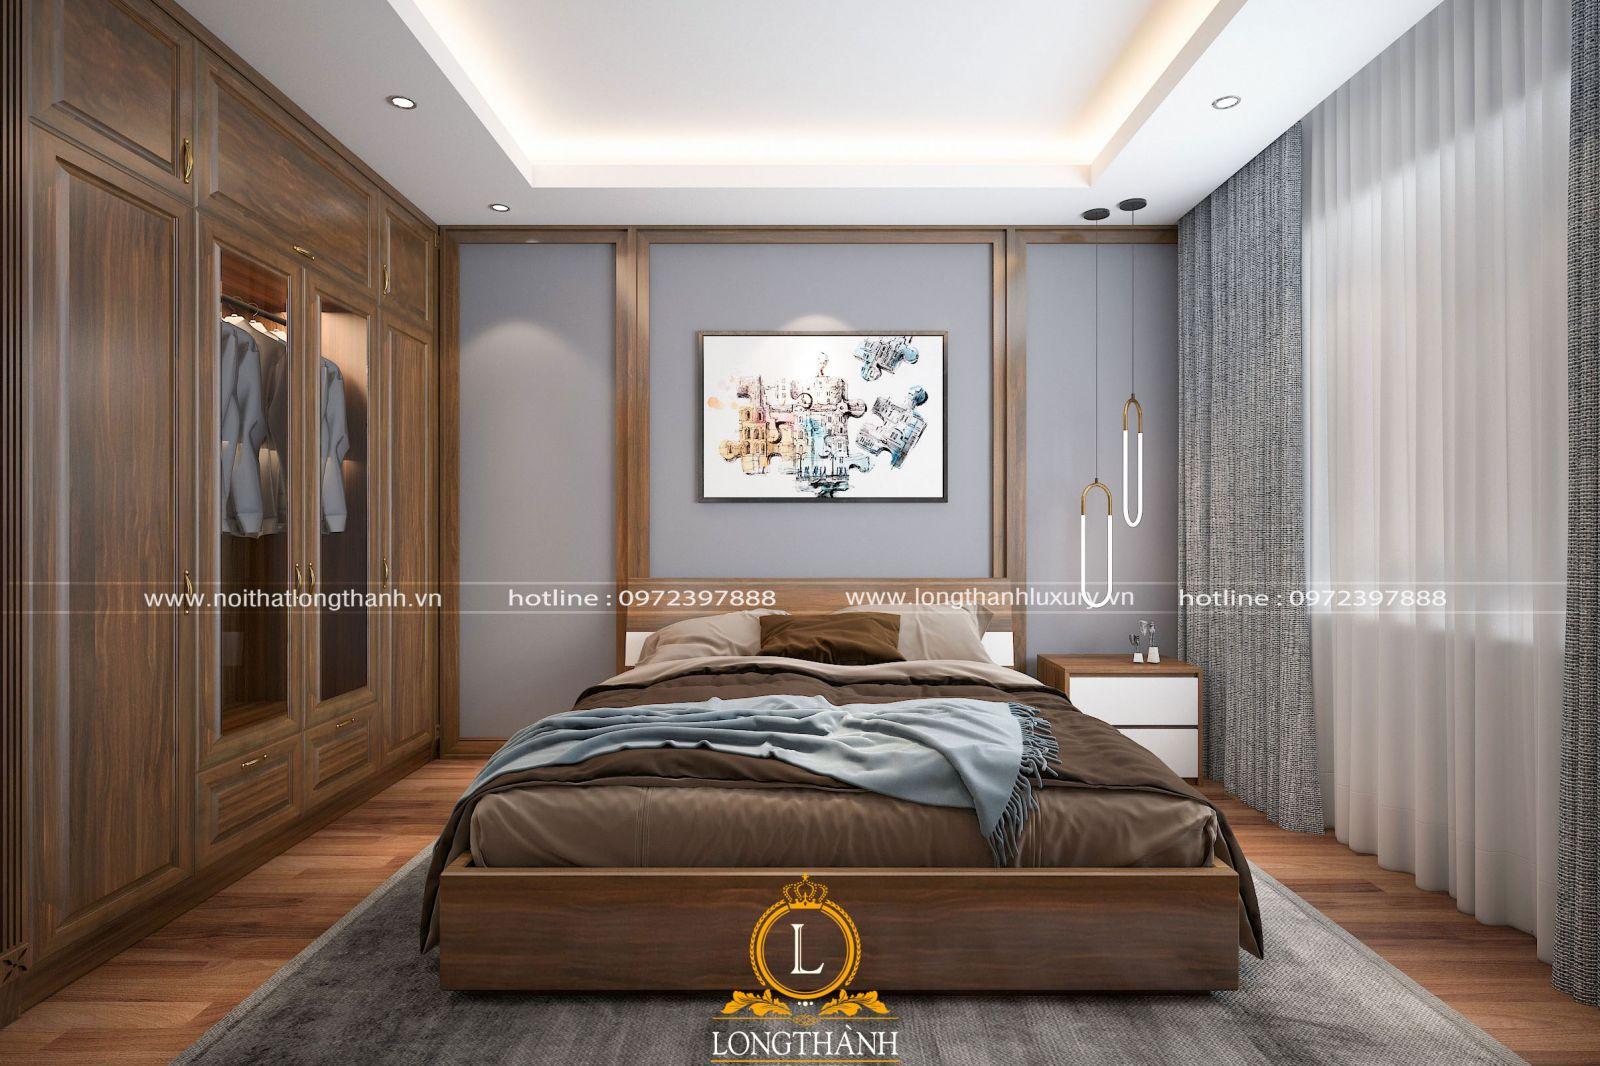 Phòng ngủ master cho chung cư hiện đại với gỗ tự nhiên